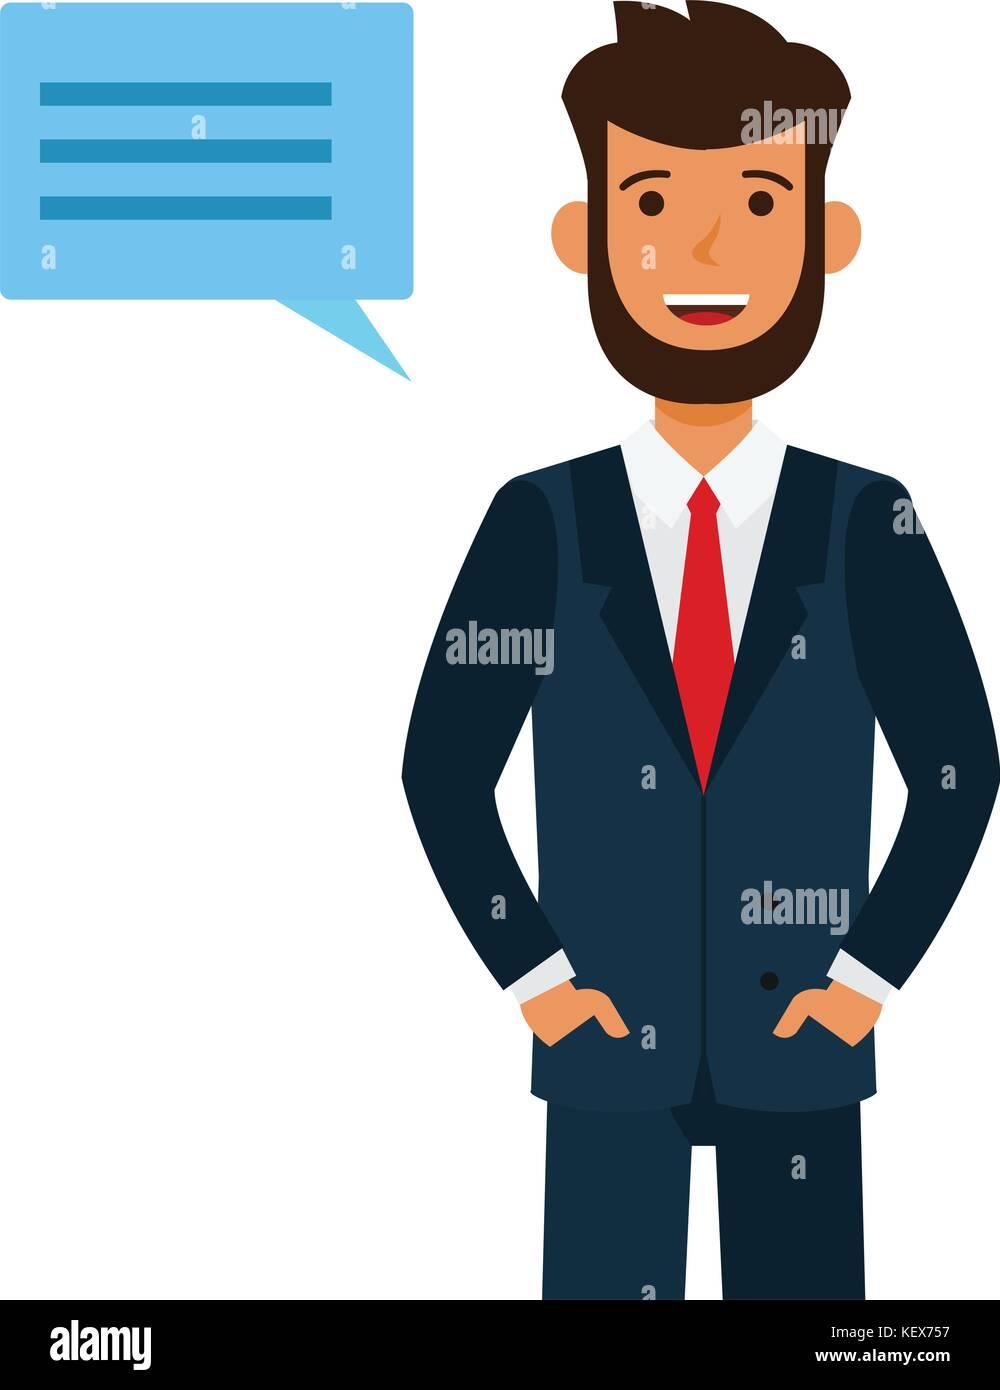 cartoon lawyer stock photos  u0026 cartoon lawyer stock images